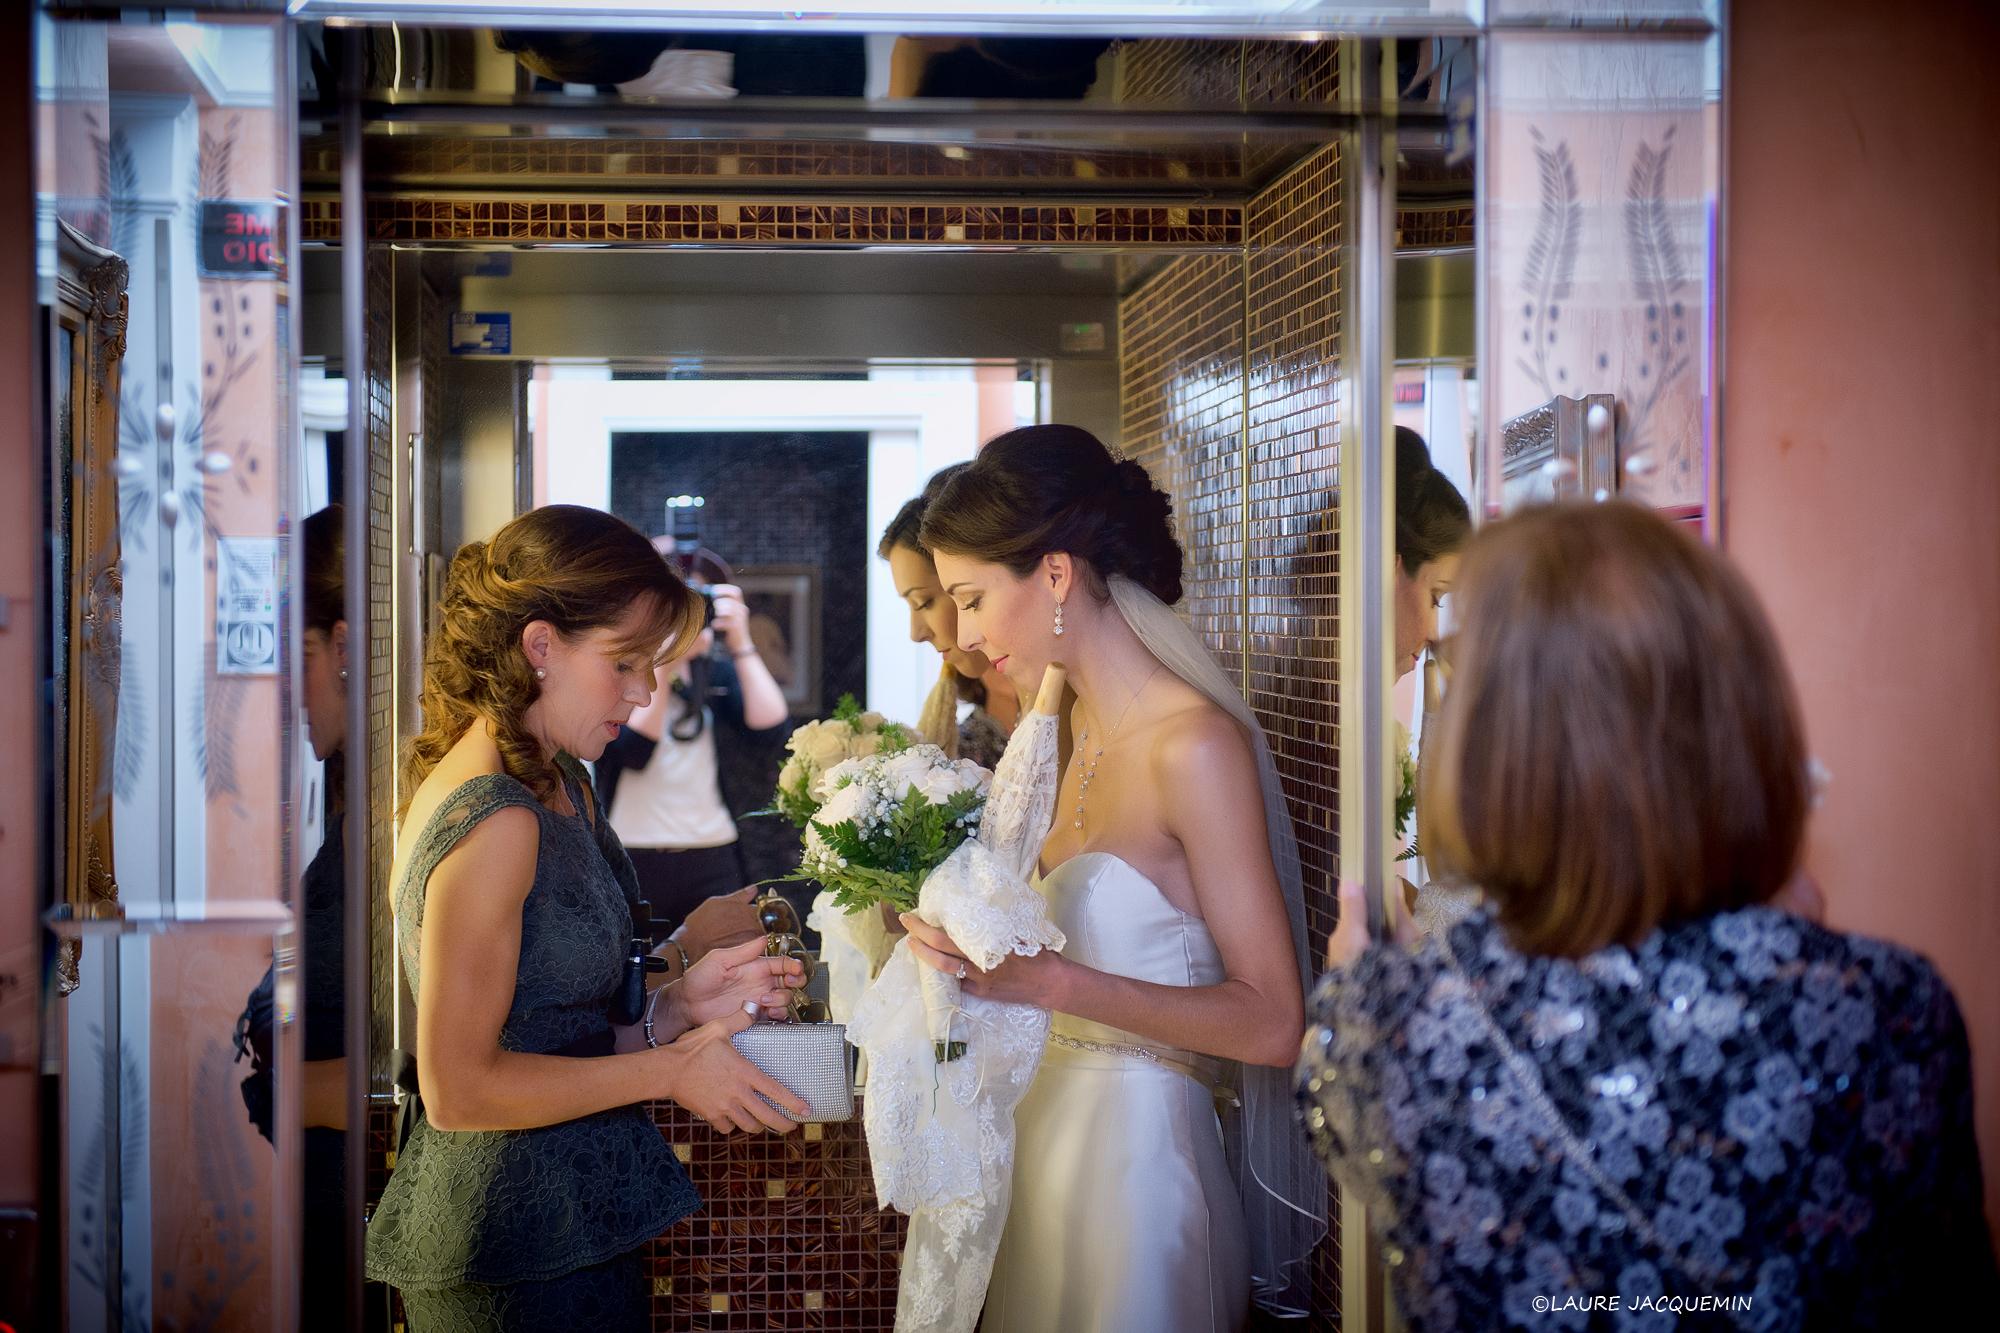 venise mariage photographe laure Jacquemin simbolique jardin venitien gondole (37)